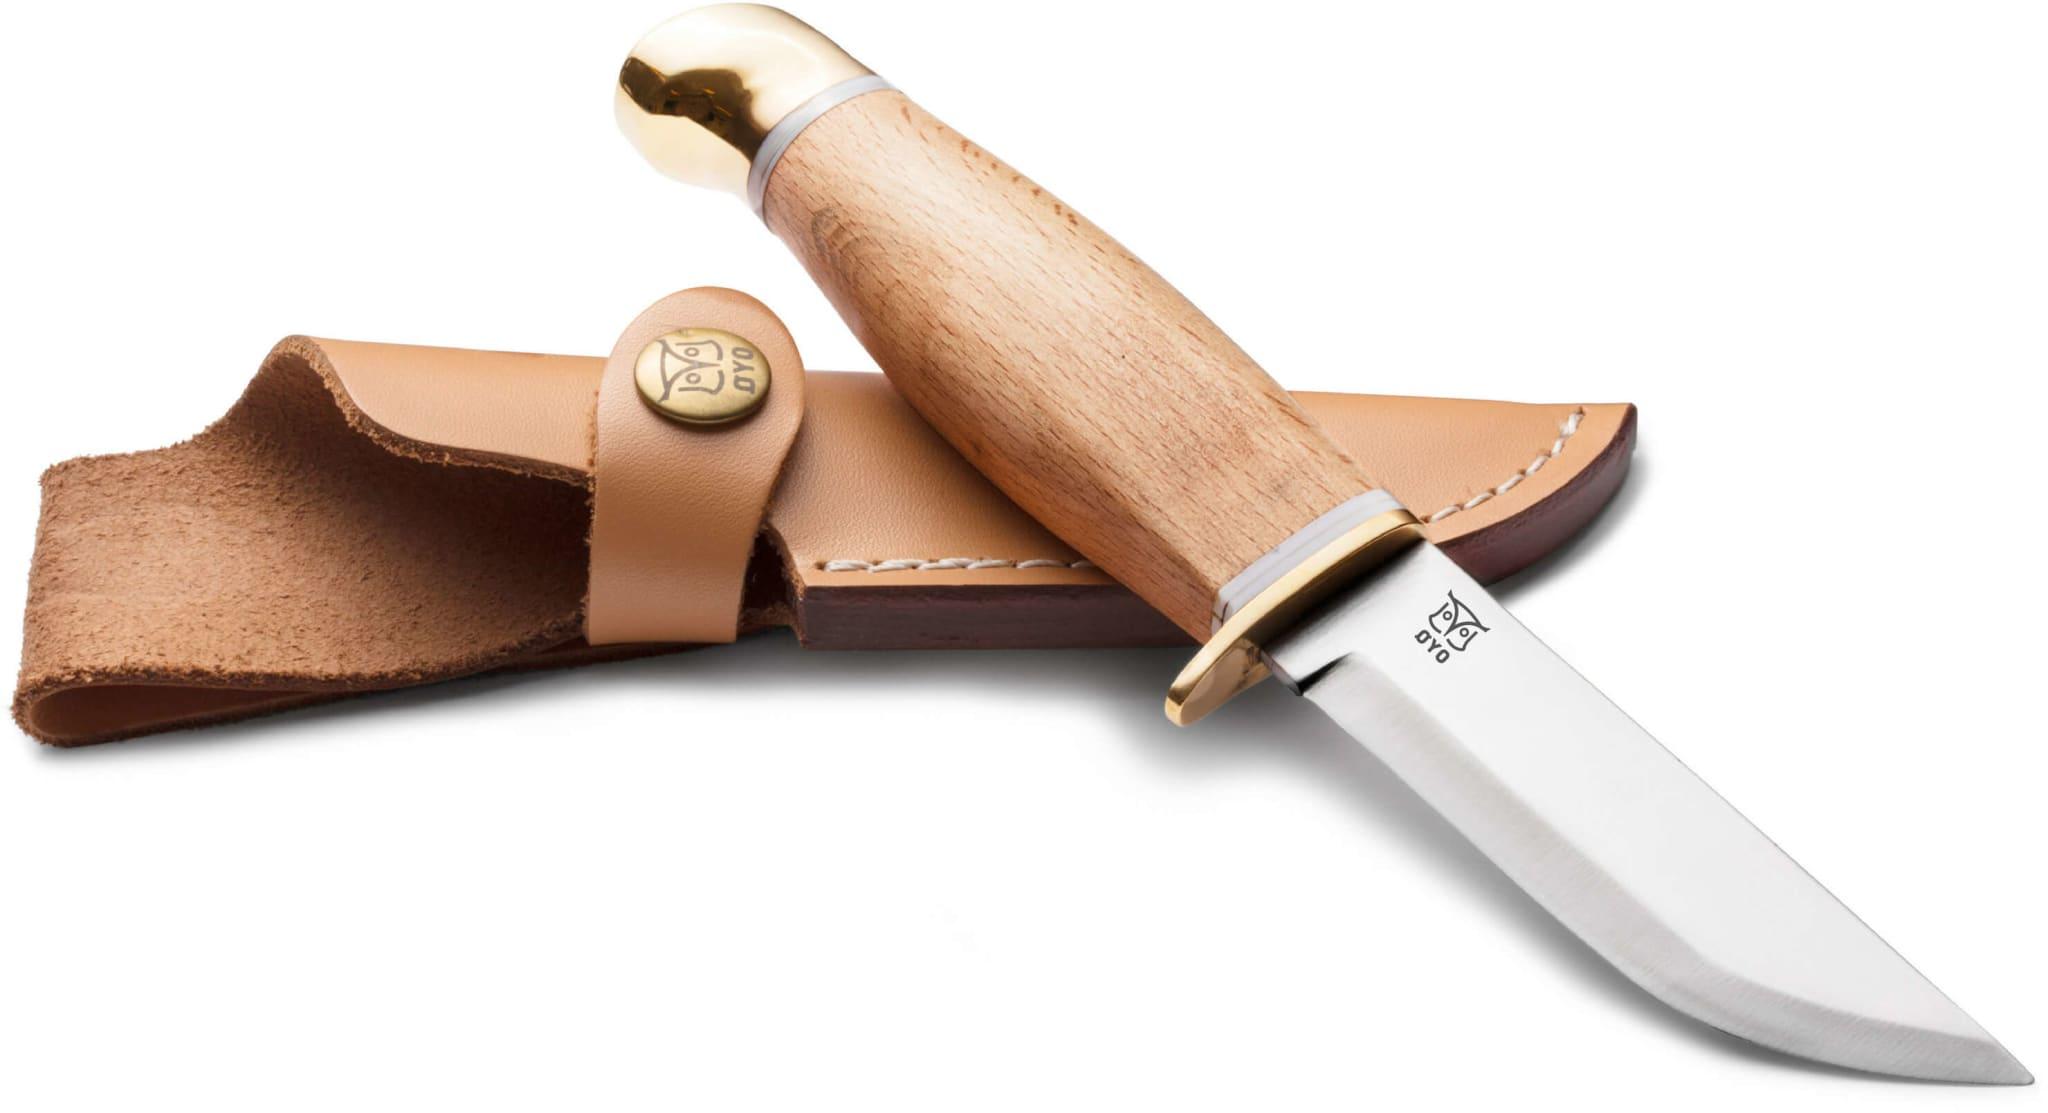 Lekker slirekniv fra Øyo